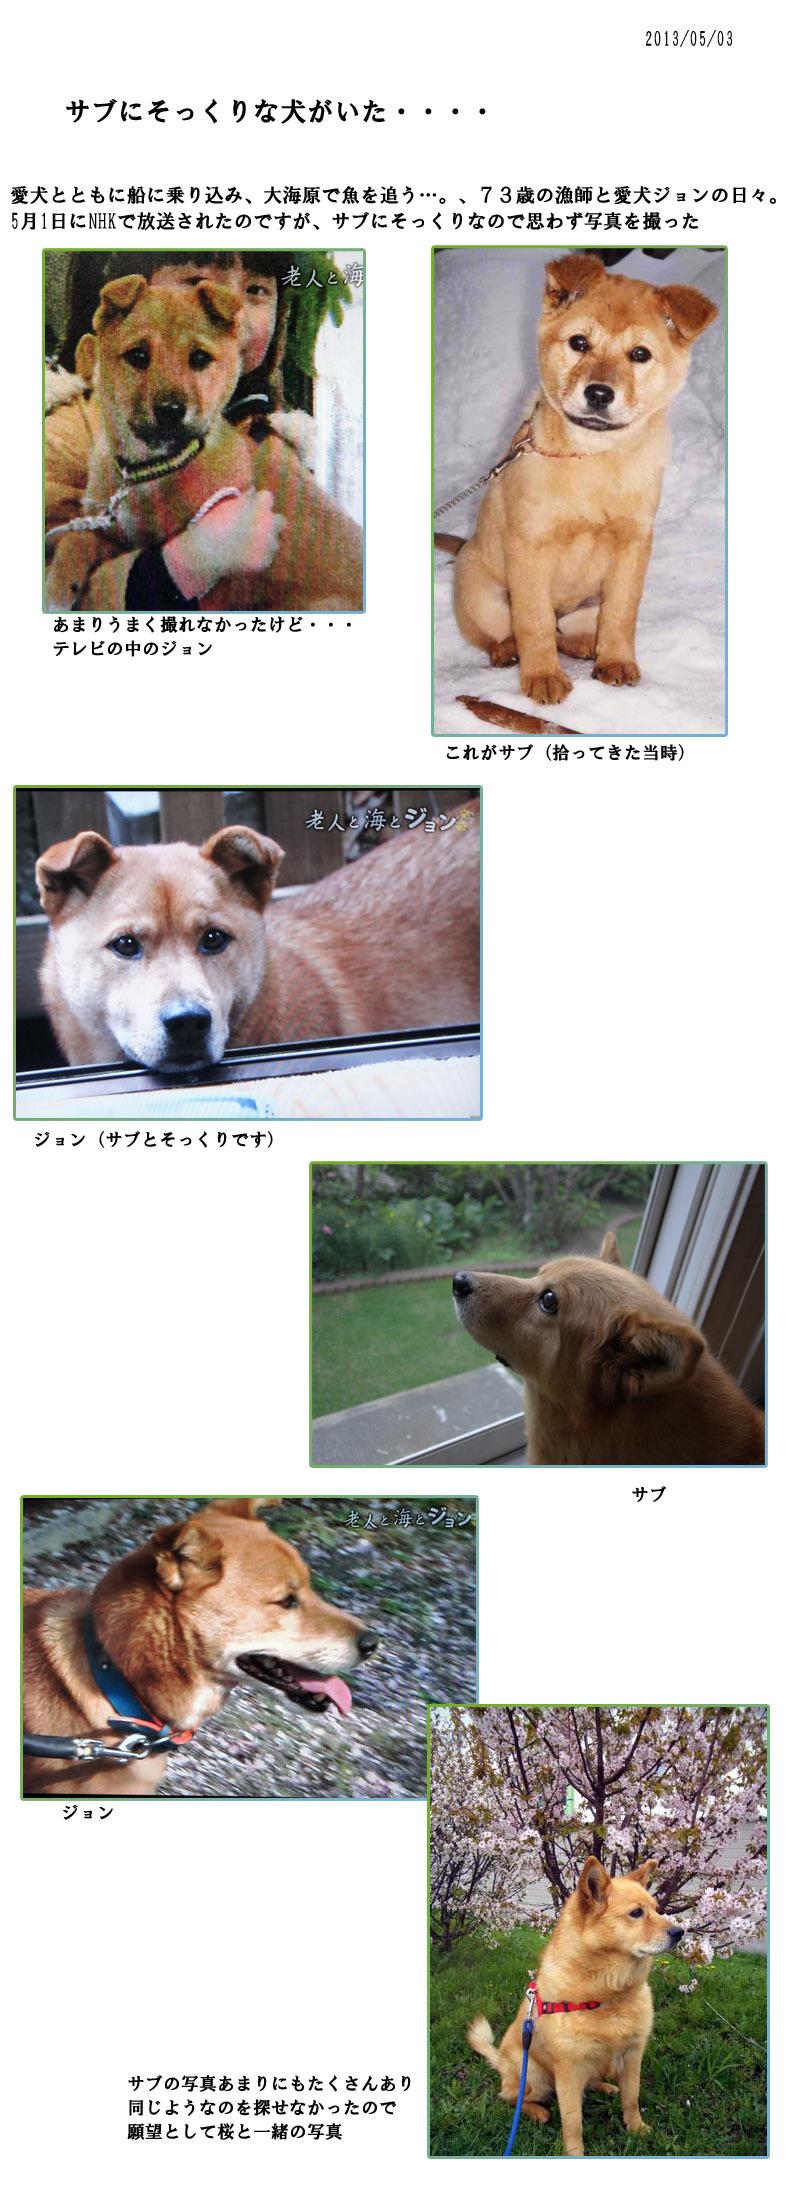 サブにそっくりの犬がいた_b0019313_17423857.jpg